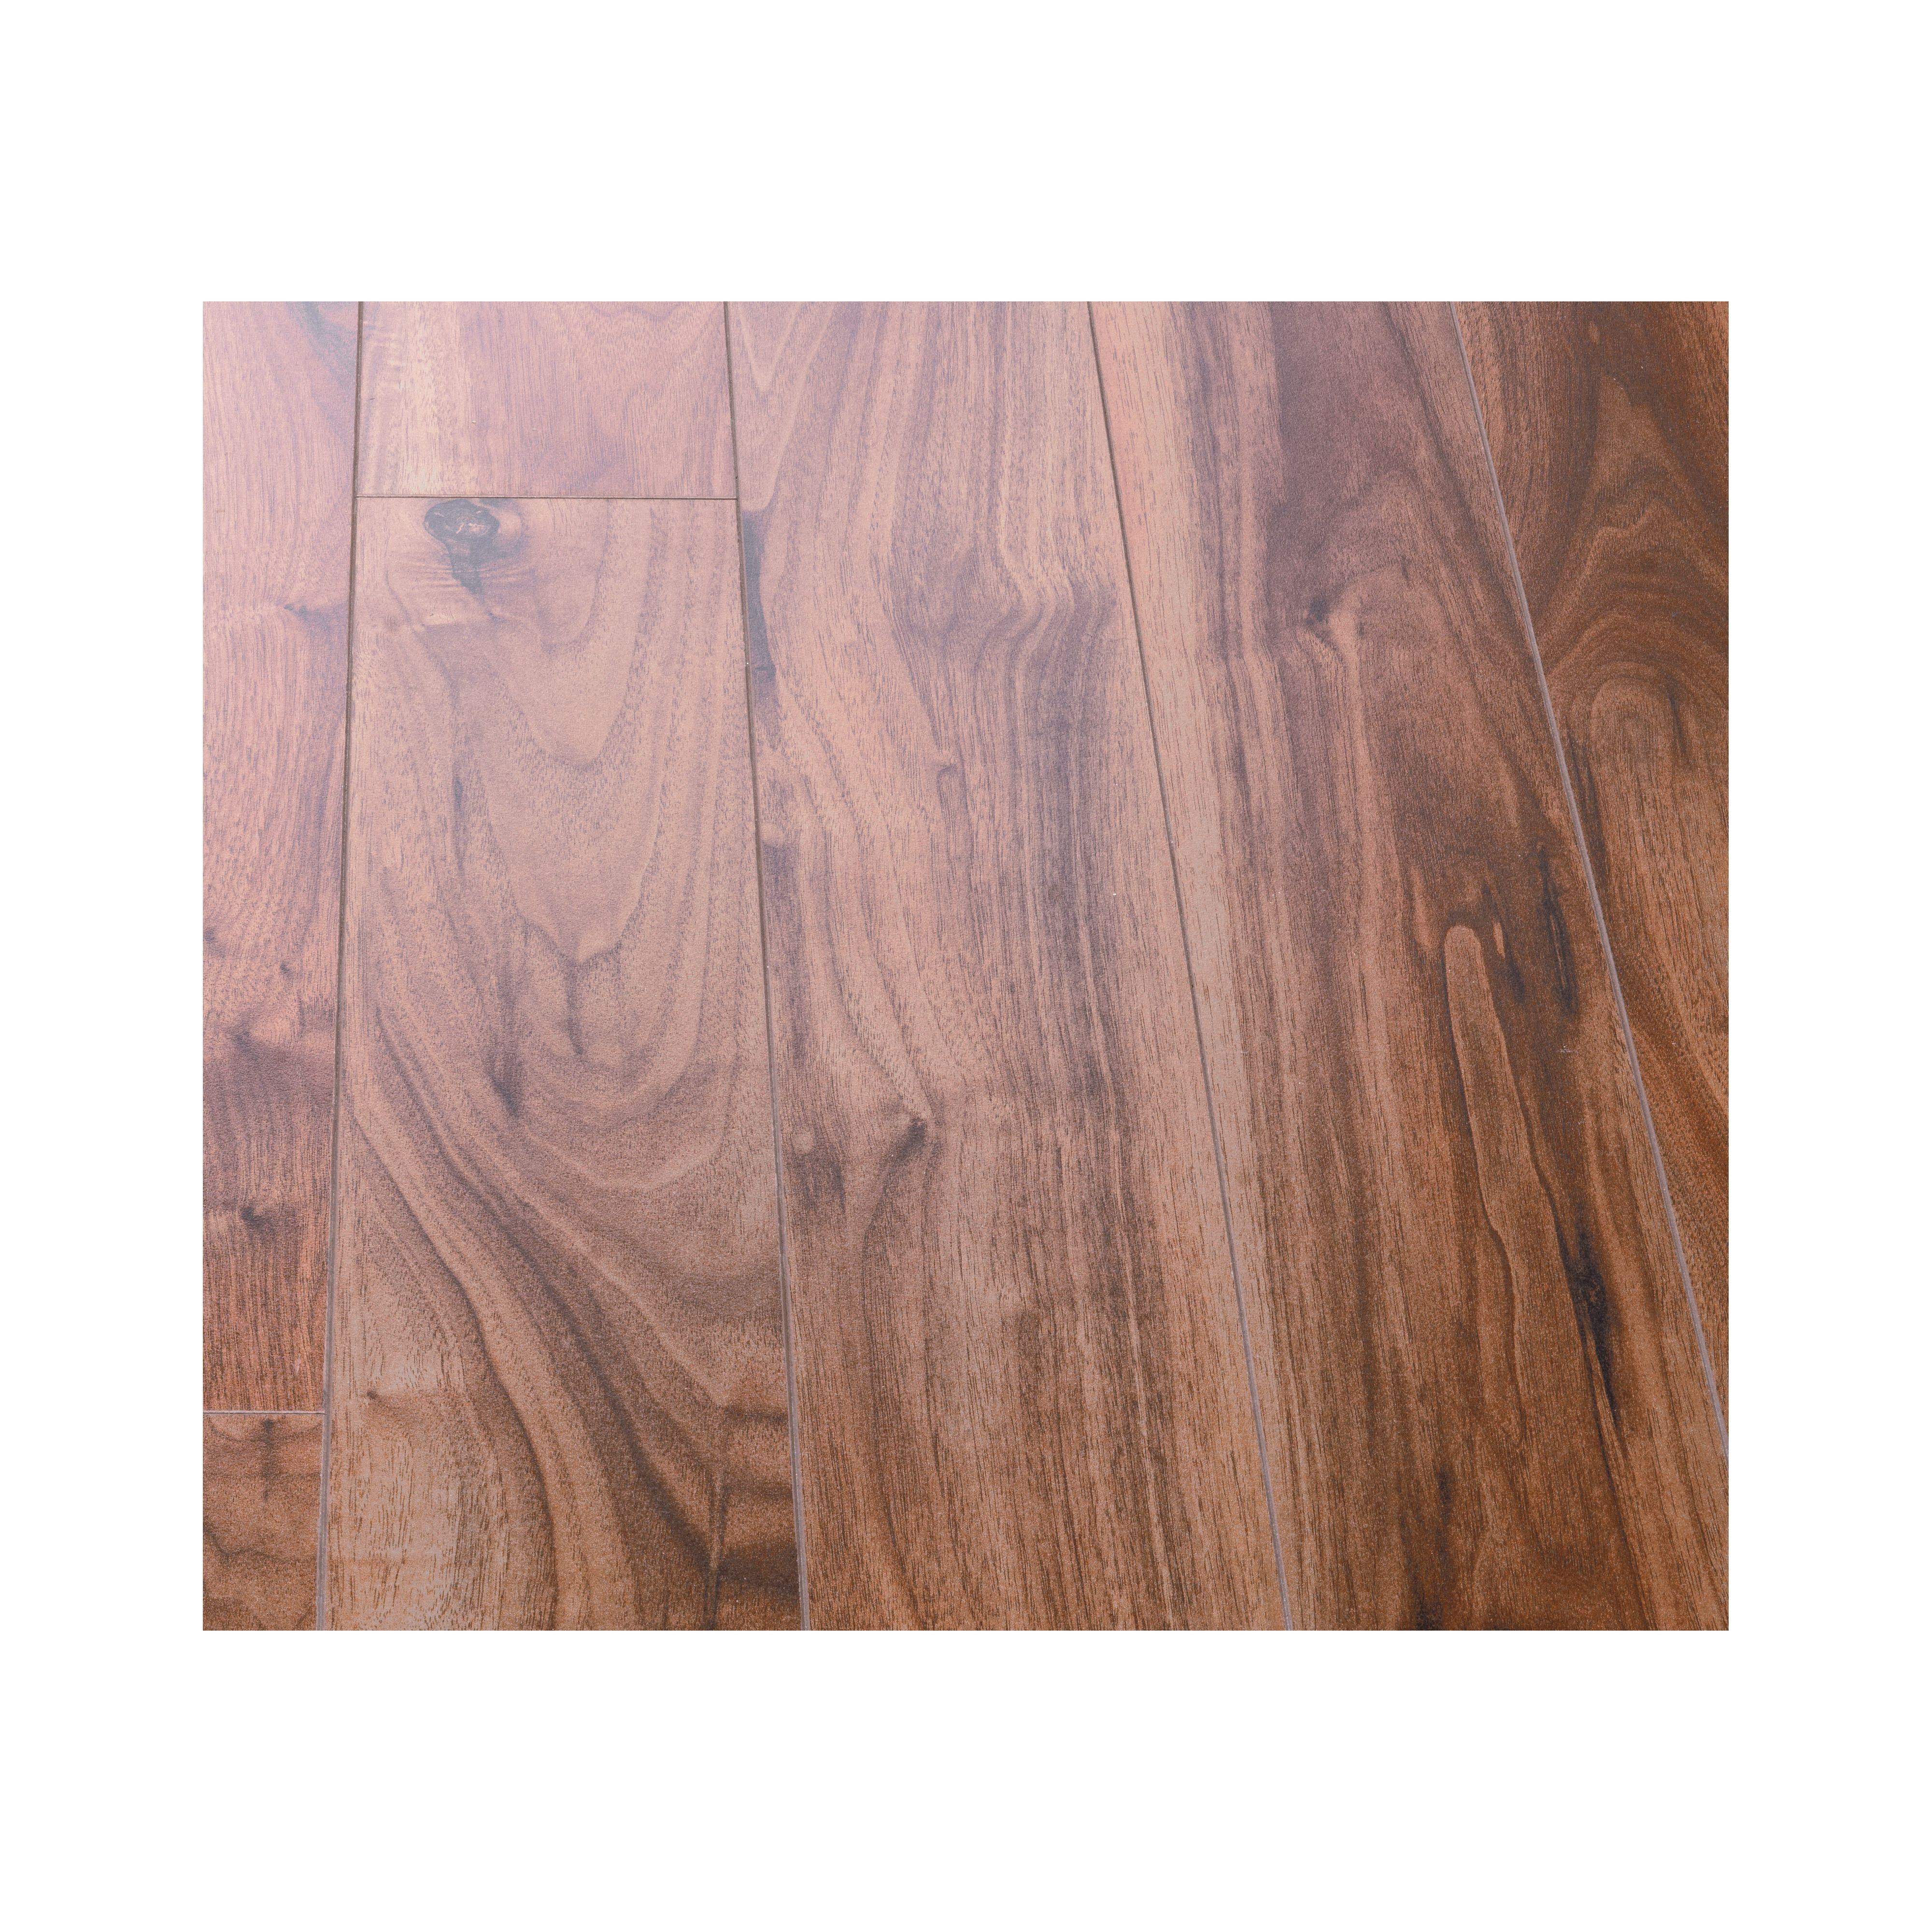 Narrow Plank Laminate Flooring Walnut Designs